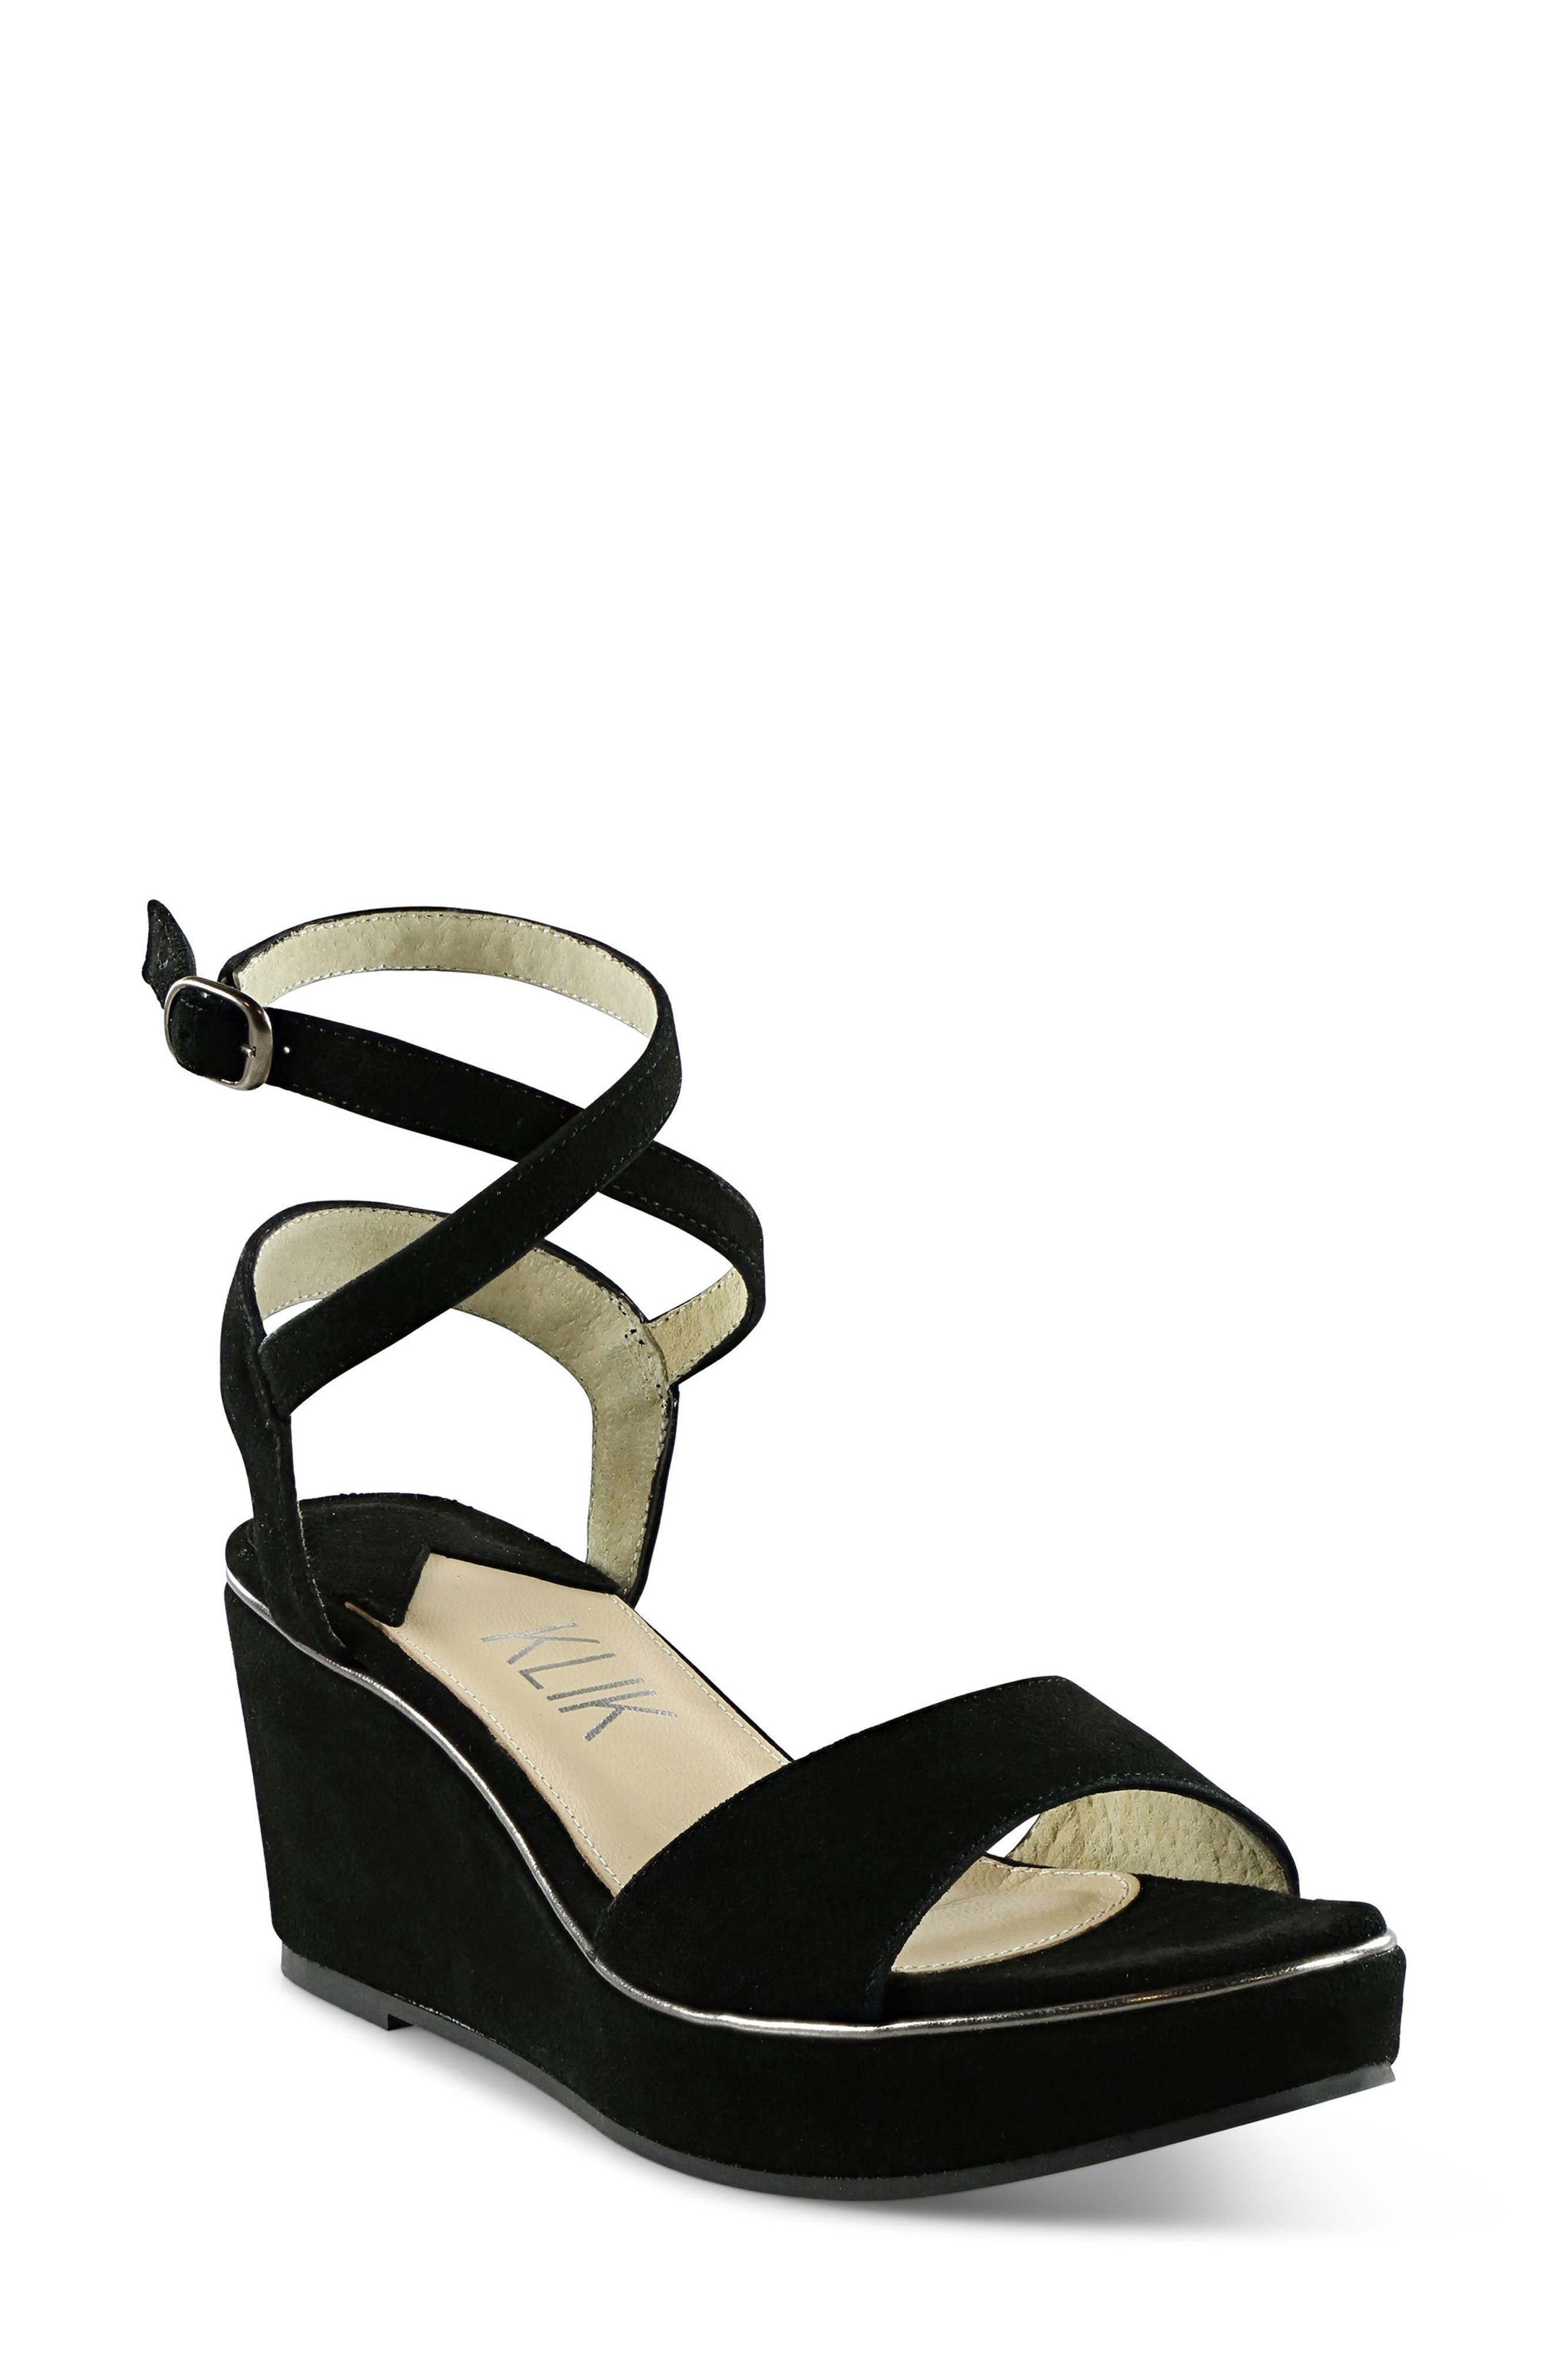 Sashi Platform Sandal,                         Main,                         color, Black Suede